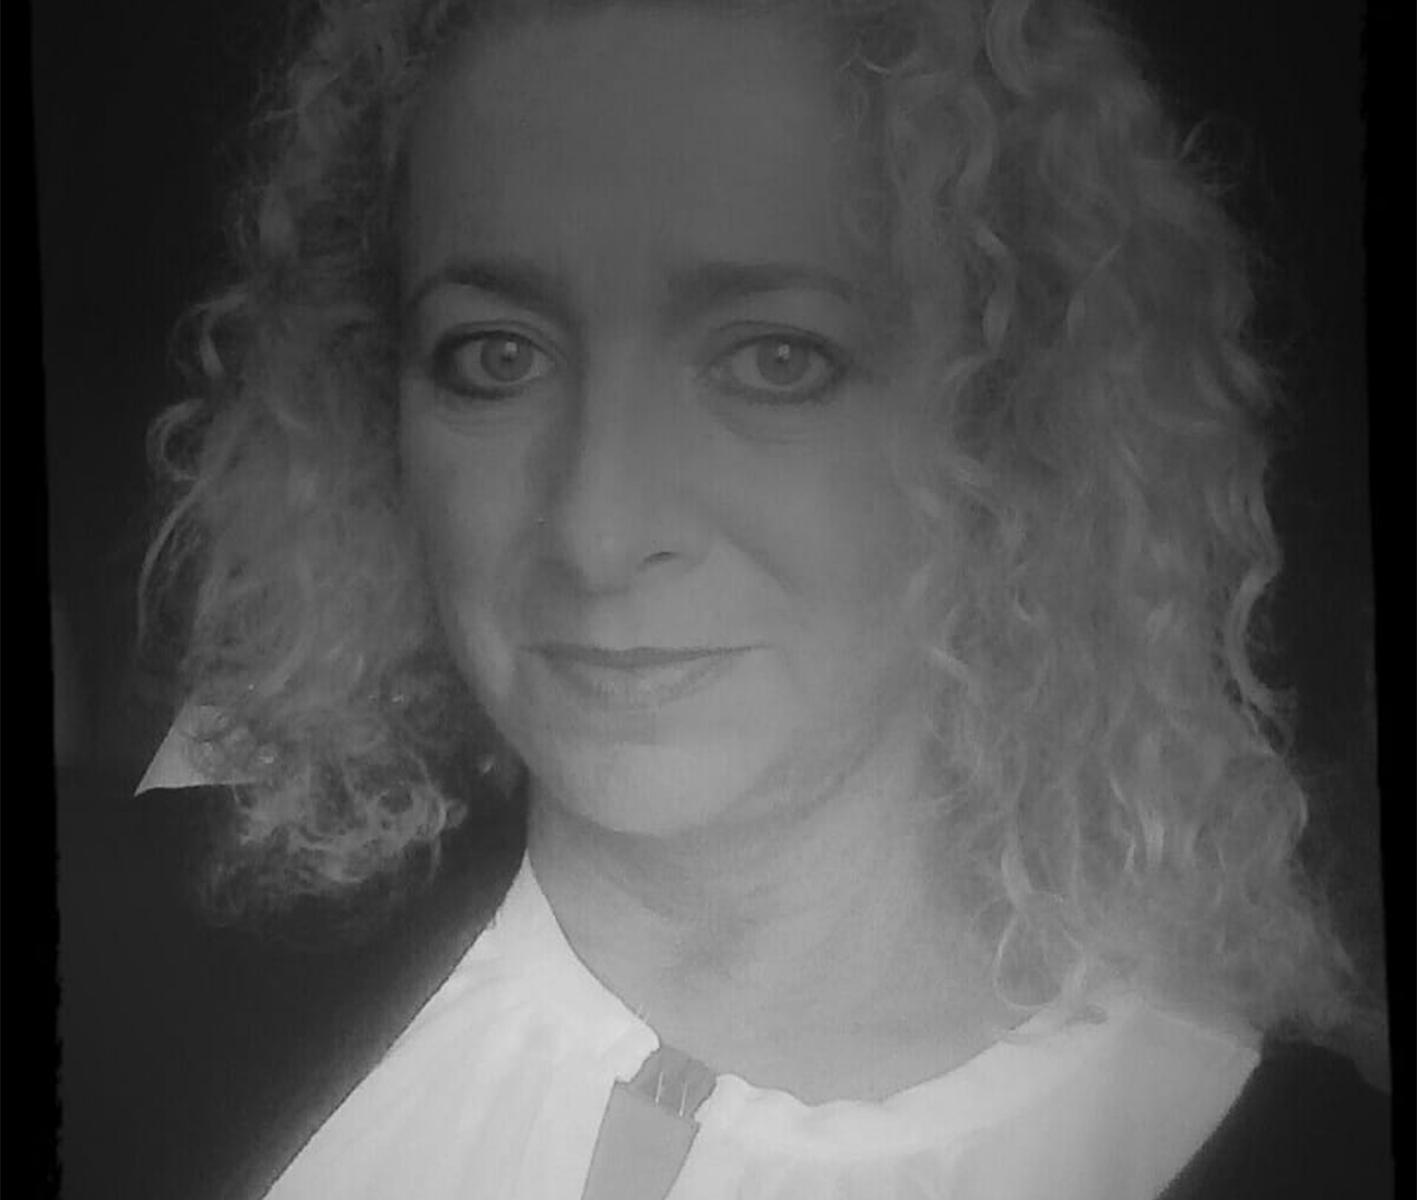 Johanna Costa Profil Bild in schwarz weiß